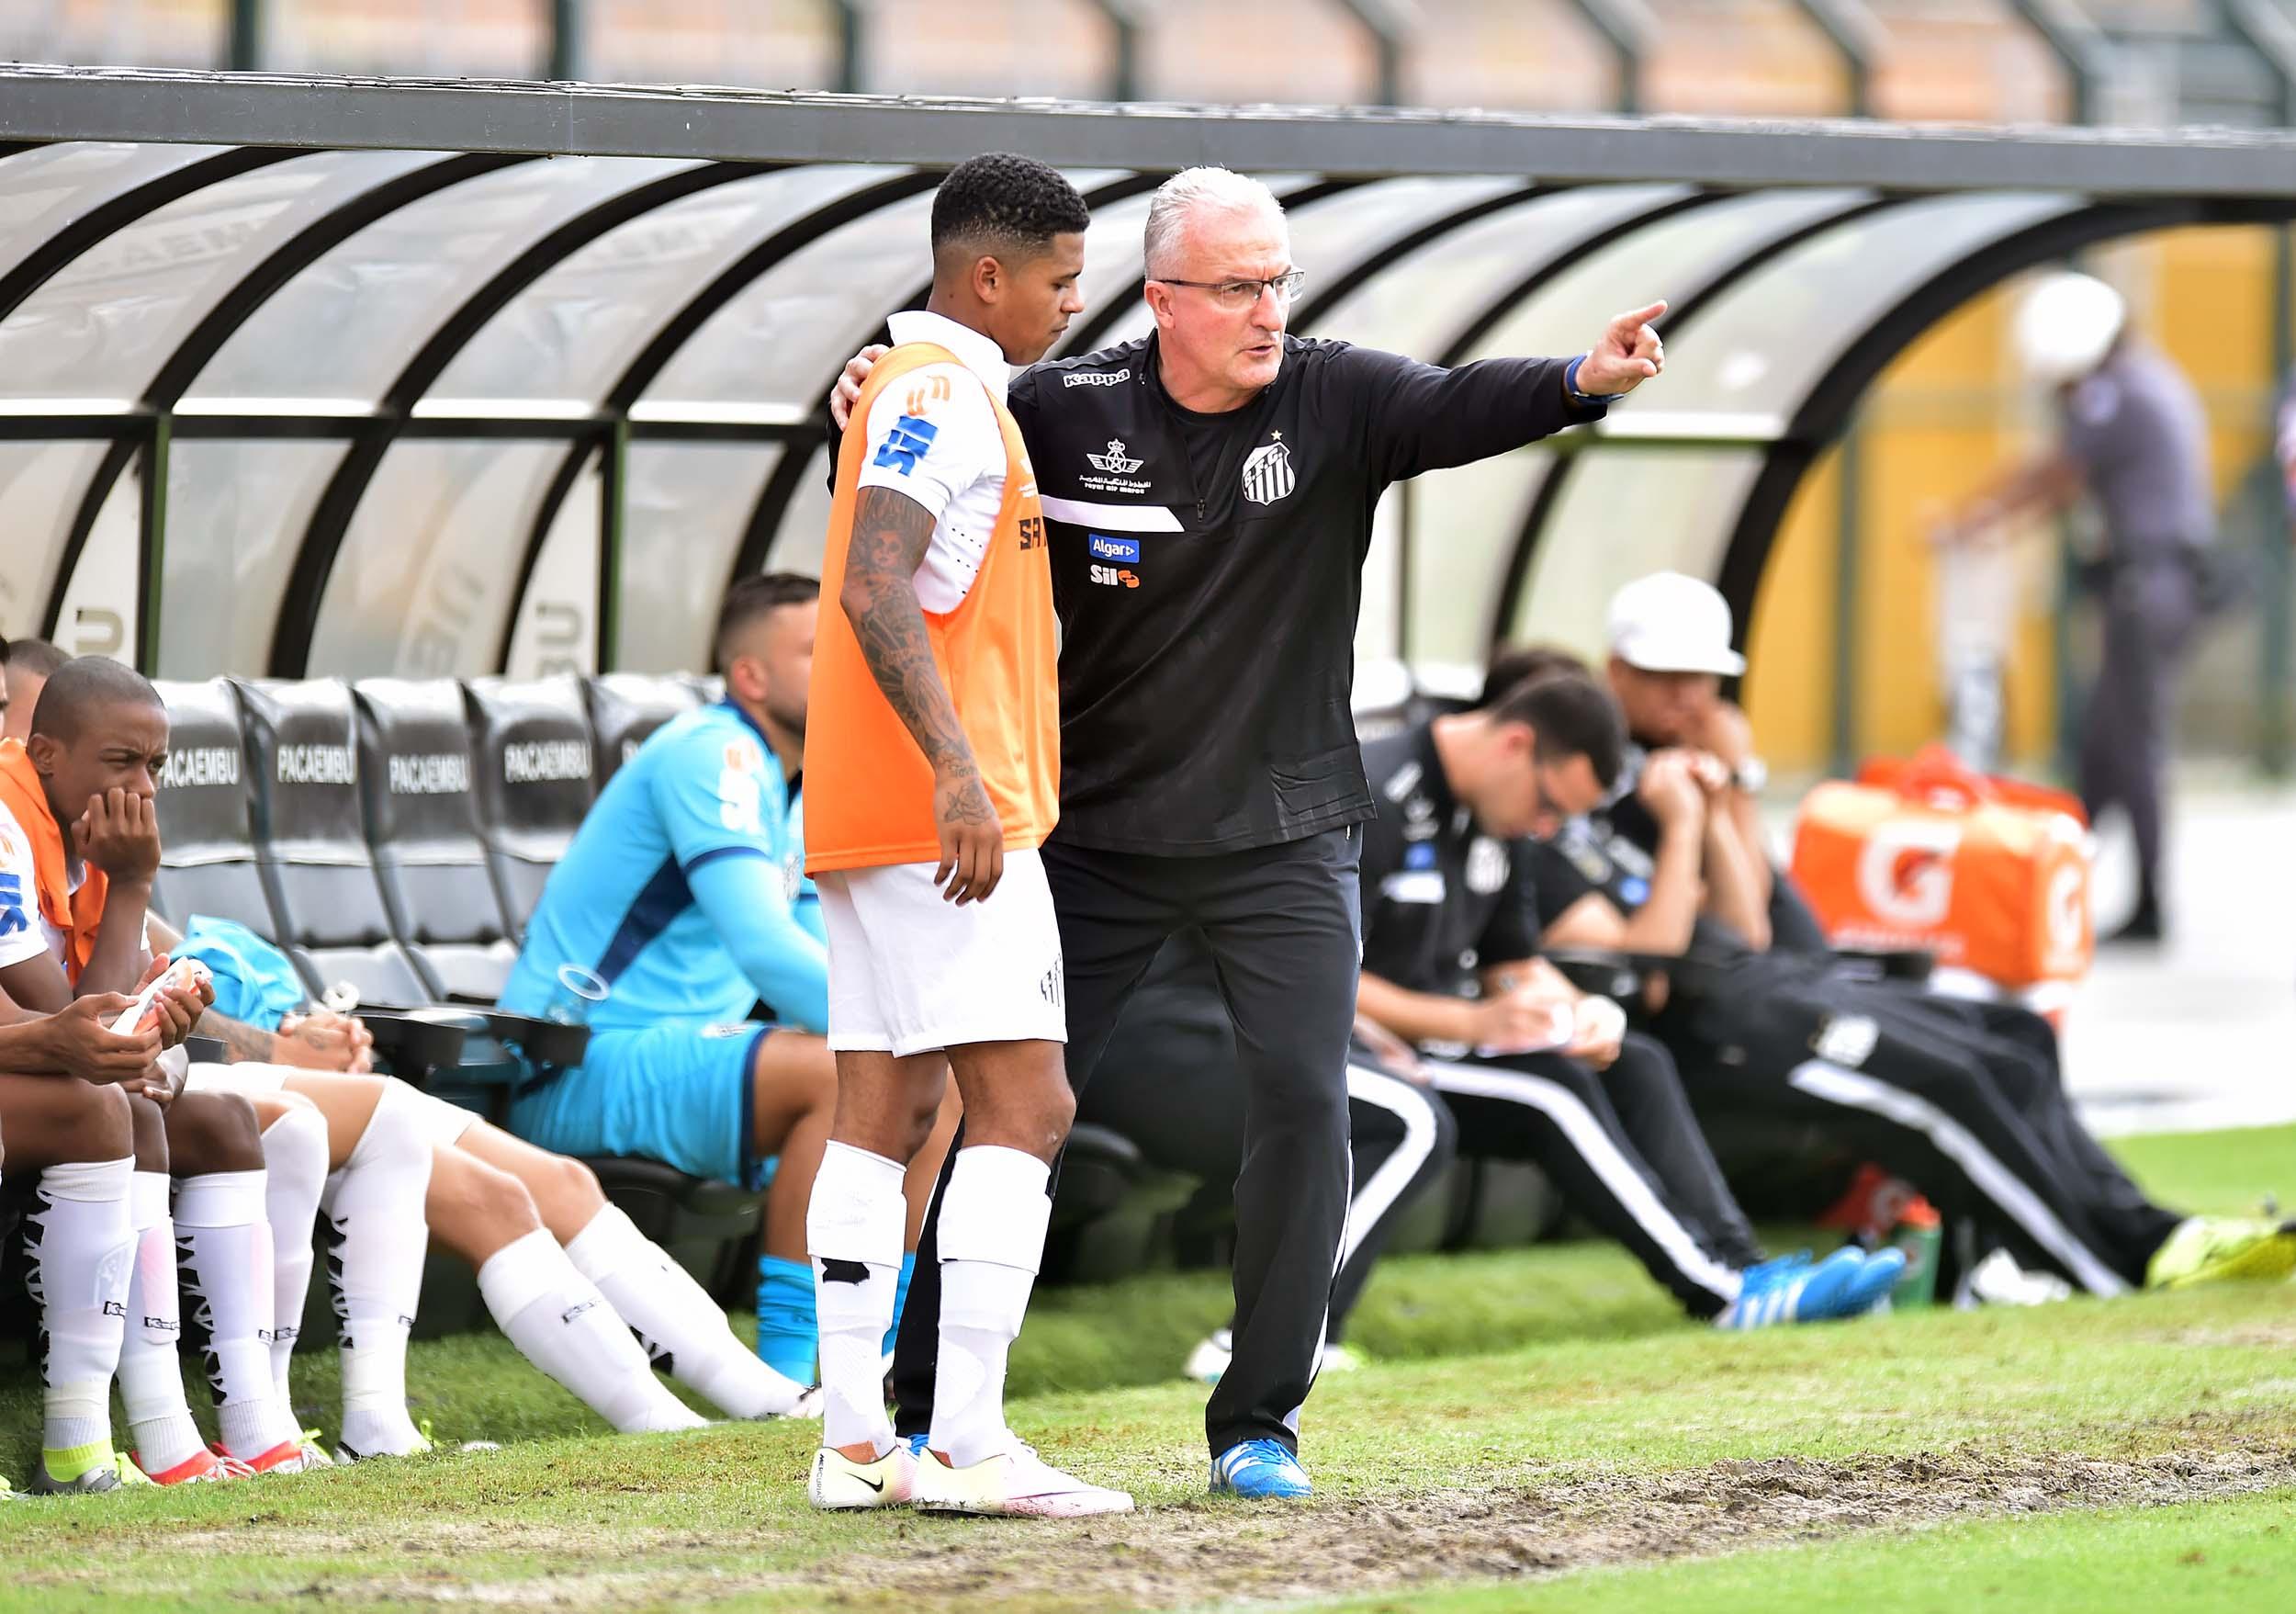 Dorival lamenta sumiço de Diogo Vitor no Santos